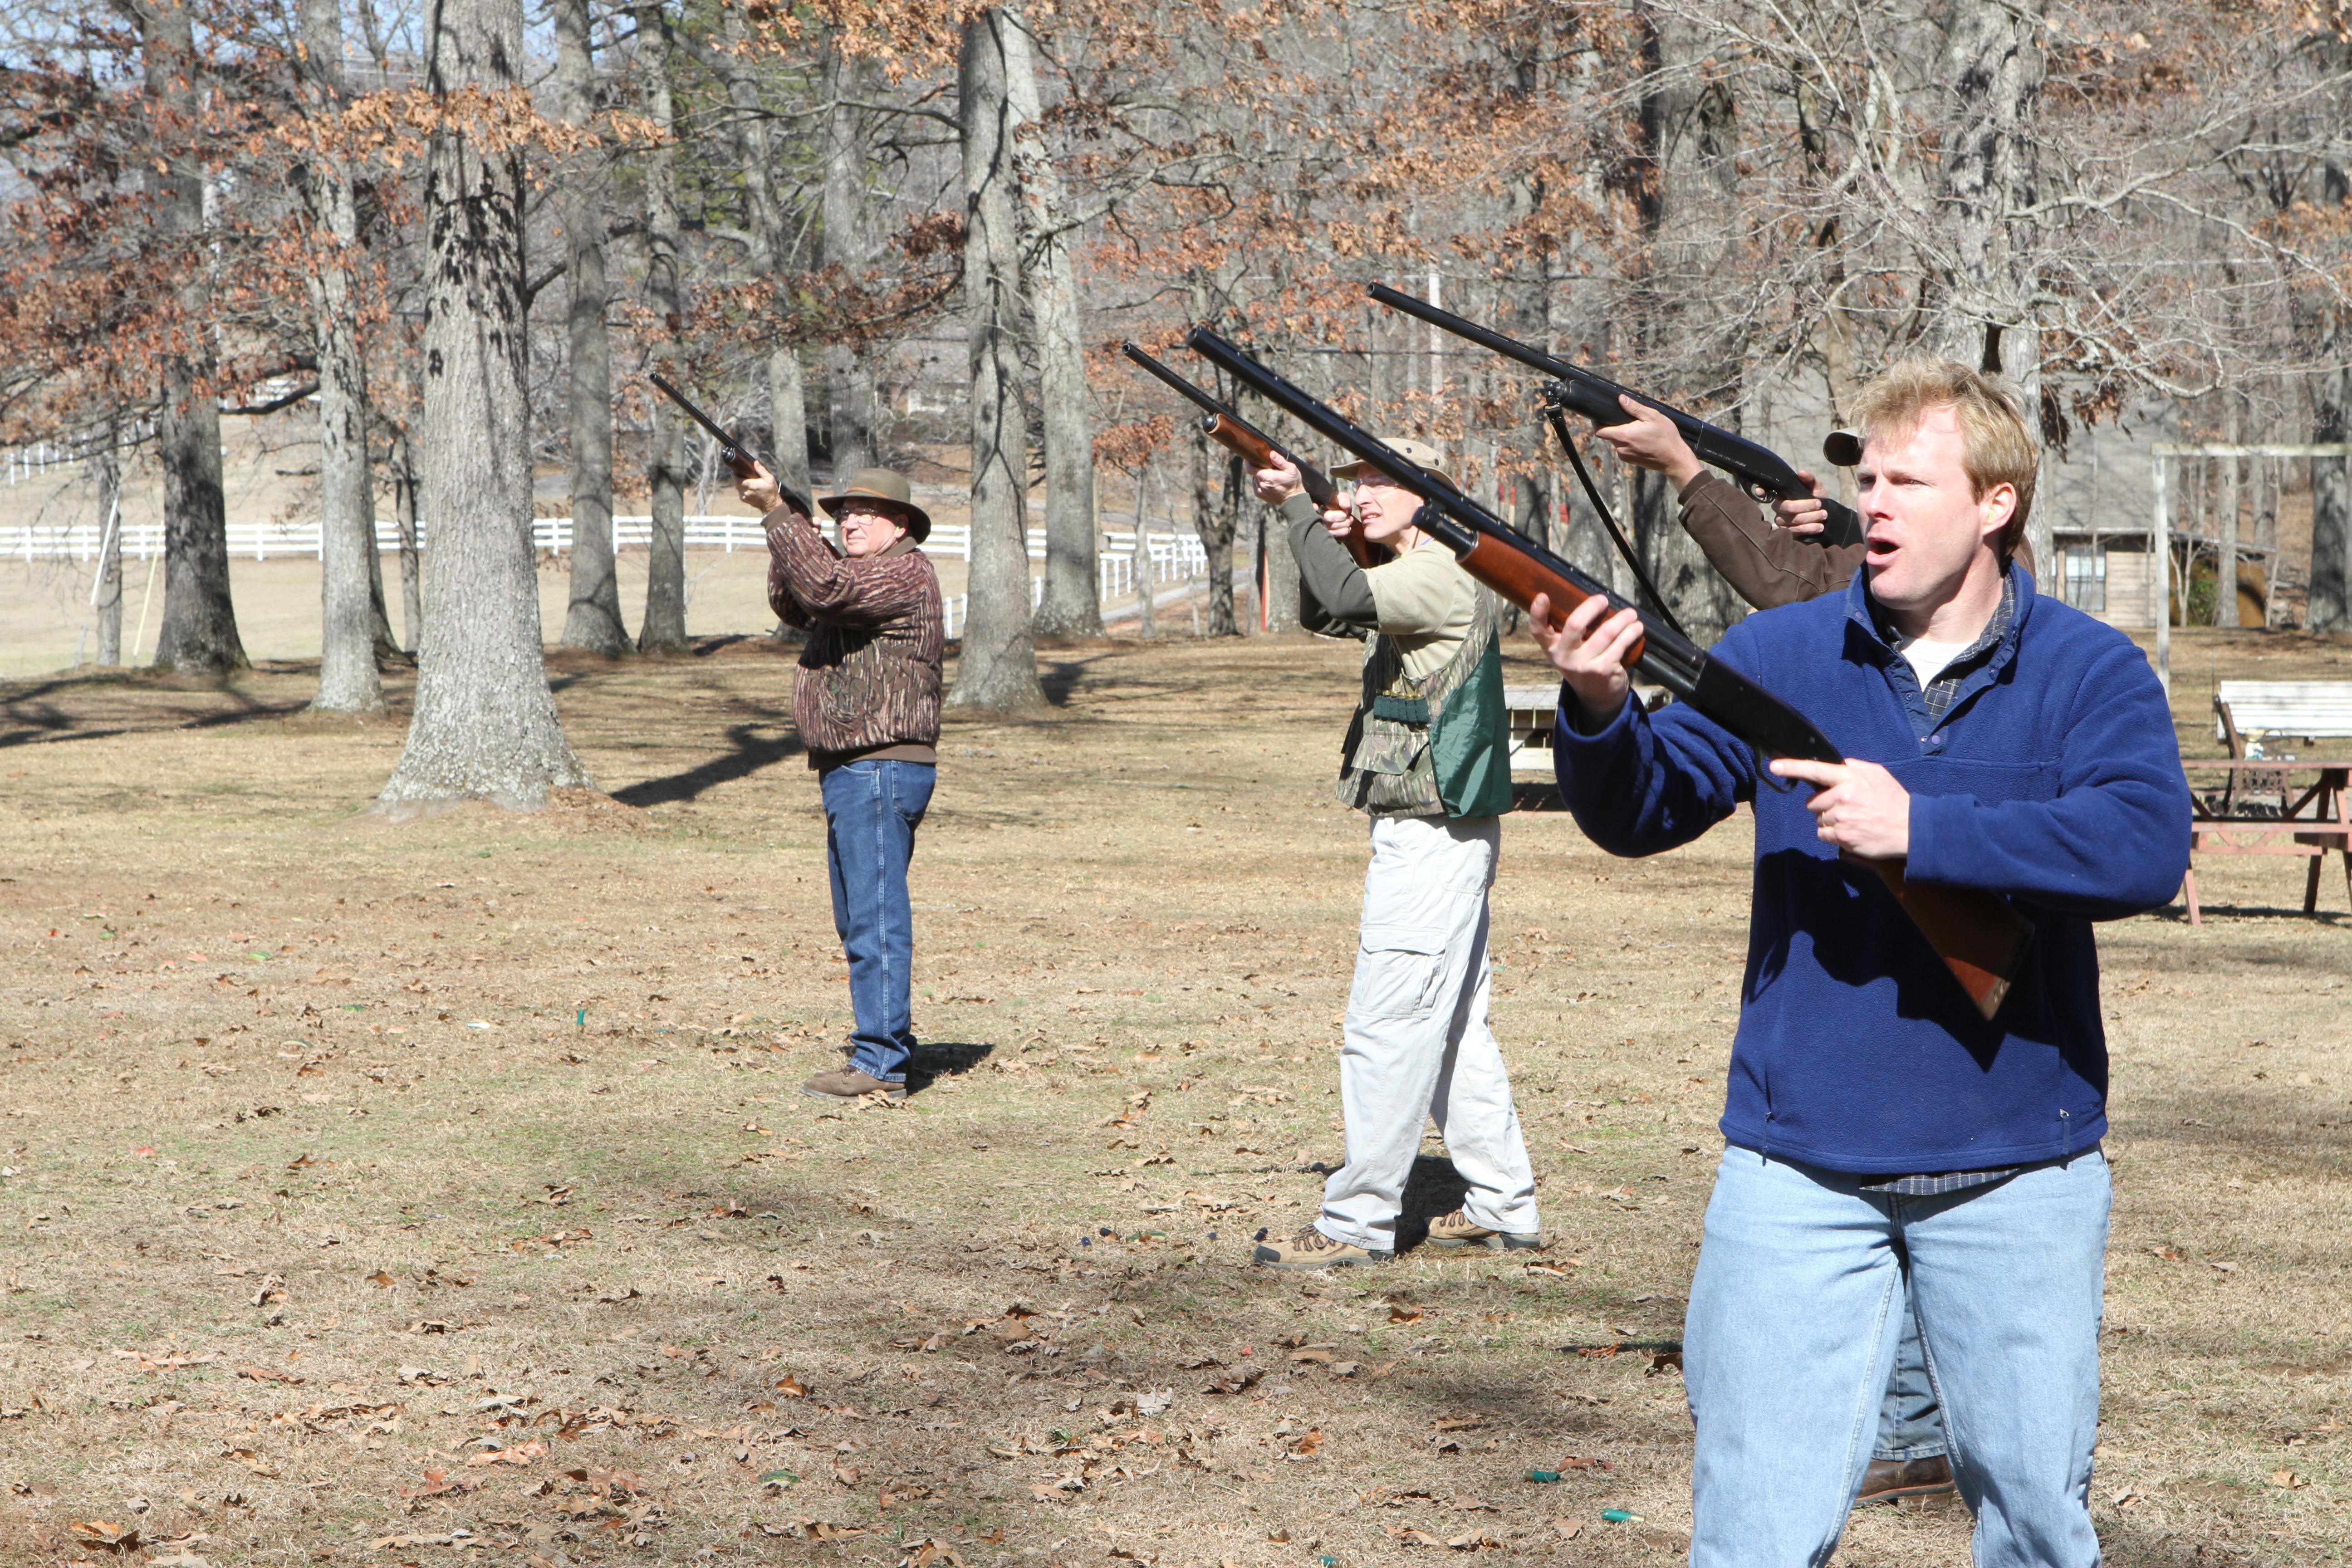 Rocket City Rednecks Hillbilly Armageddon